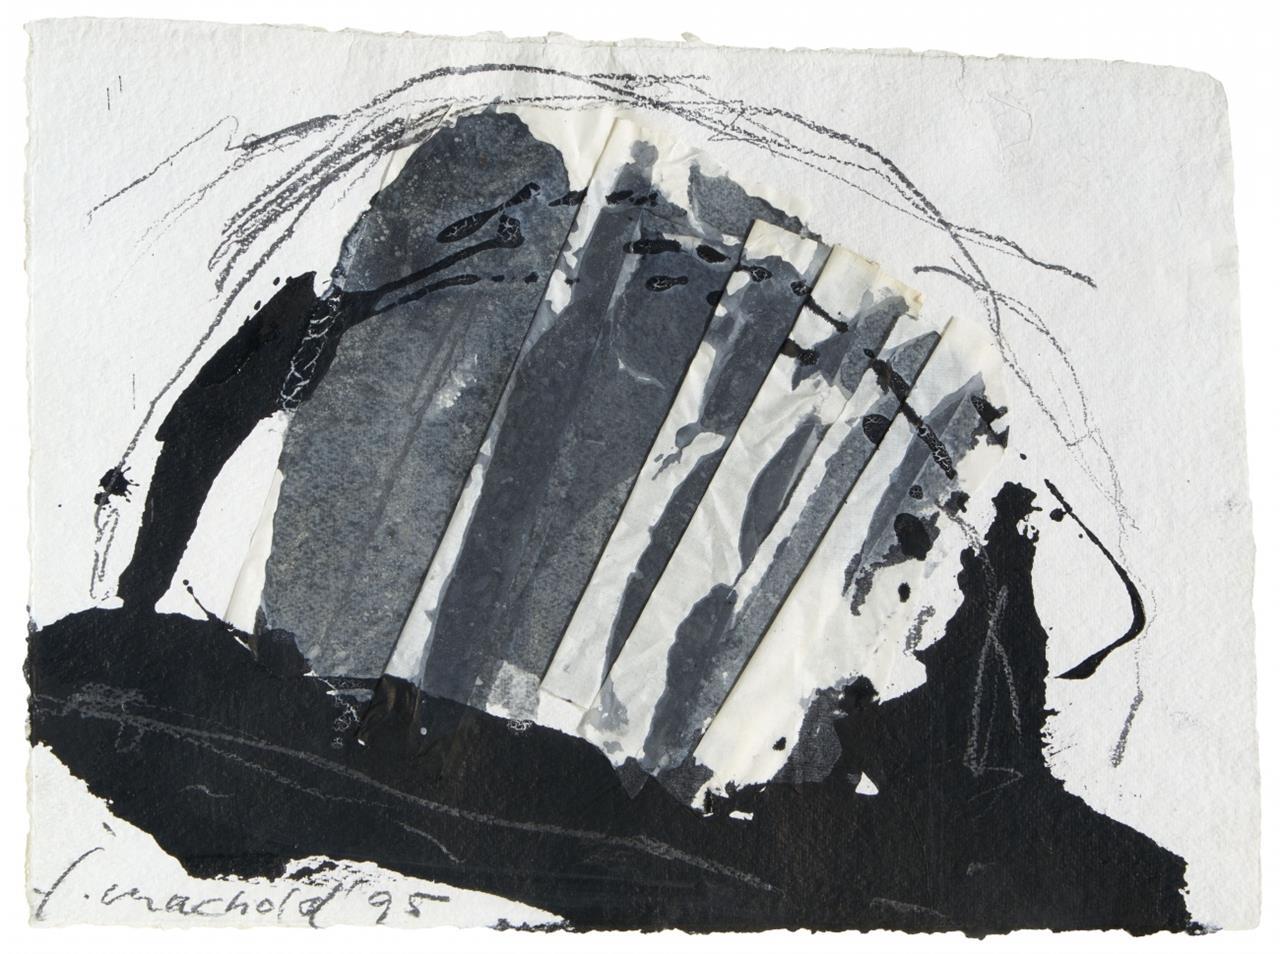 Jorge Machold. Ohne Titel. 1995. Collage, Tusche und Bleistift. Signiert.